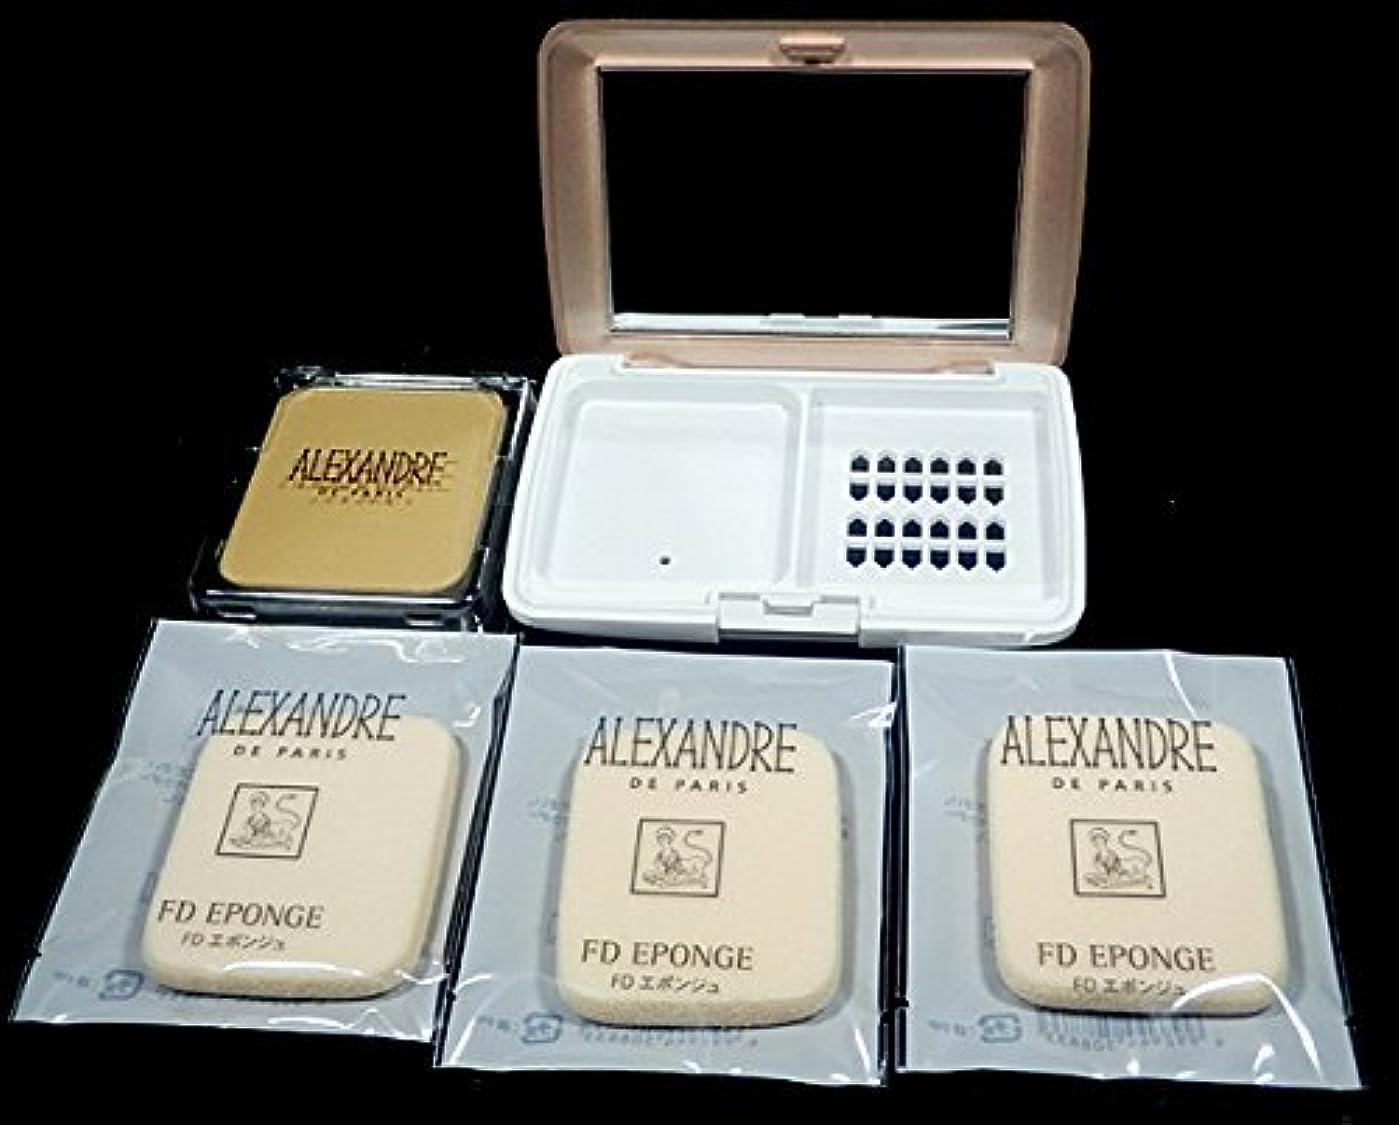 視力休み装置アレクサンドル ドゥ パリ タン フィット エ ヴェール60&専用コンパクトケース&エポンジュ セット